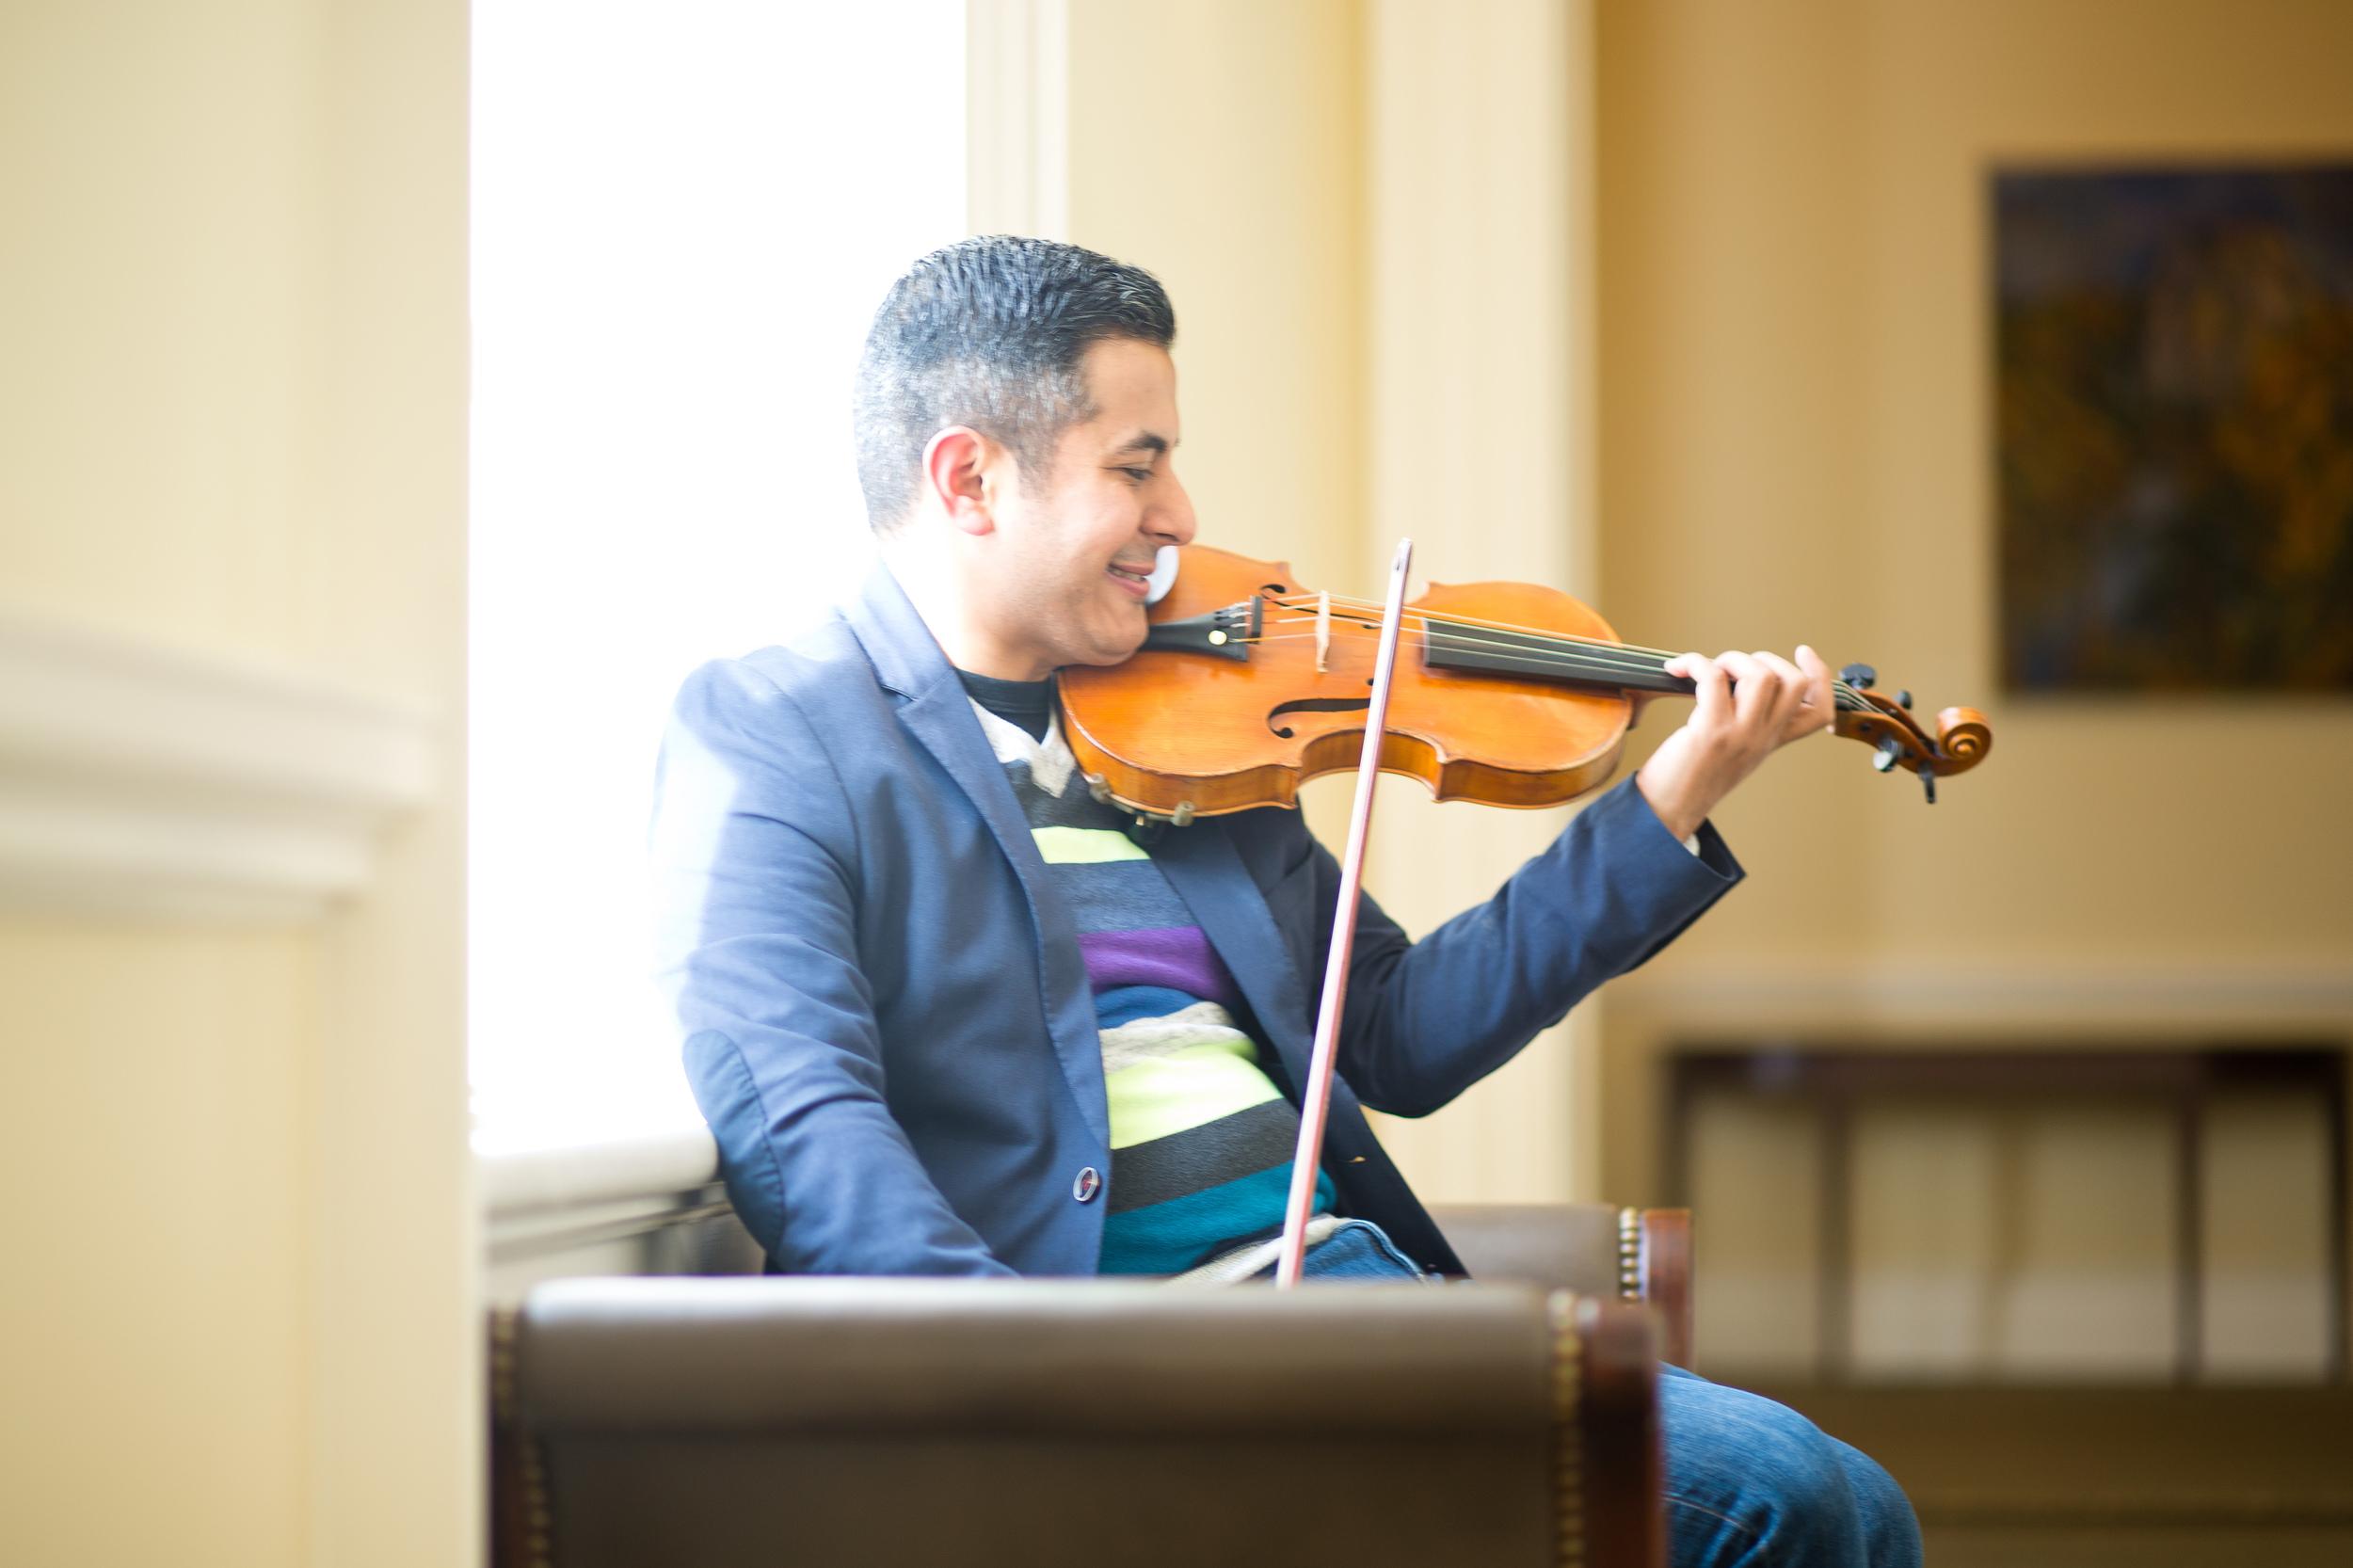 Job Salazar Fonseca Mexican-American Violinist